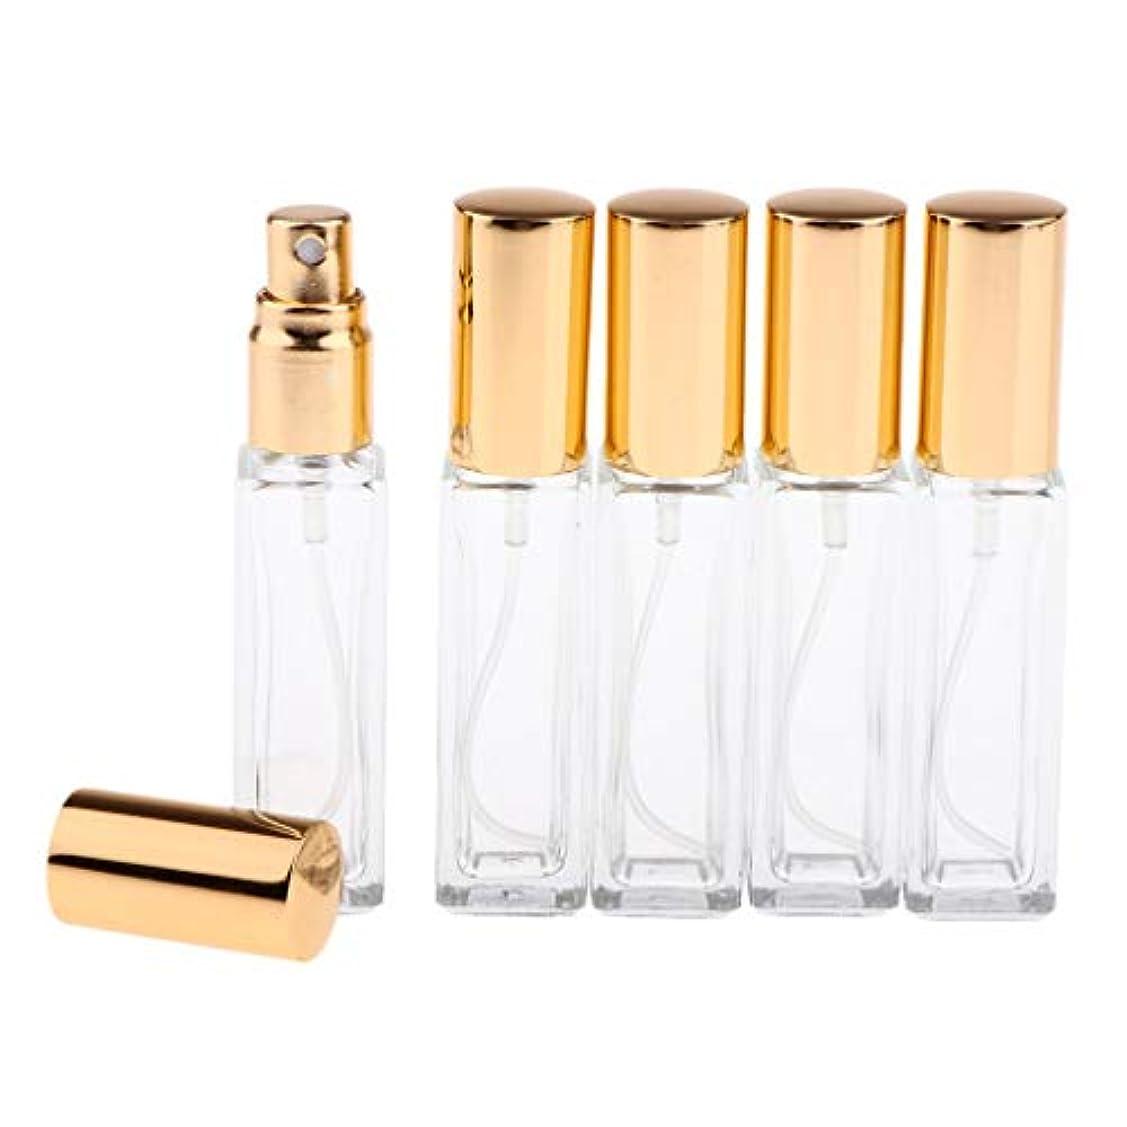 ボウルデクリメント湖Perfeclan 香水アトマイザー スプレーボトル 空のボトル ポンプボトル ファインミストスプレーボトル 6カラー 5個 - 金色キャップ